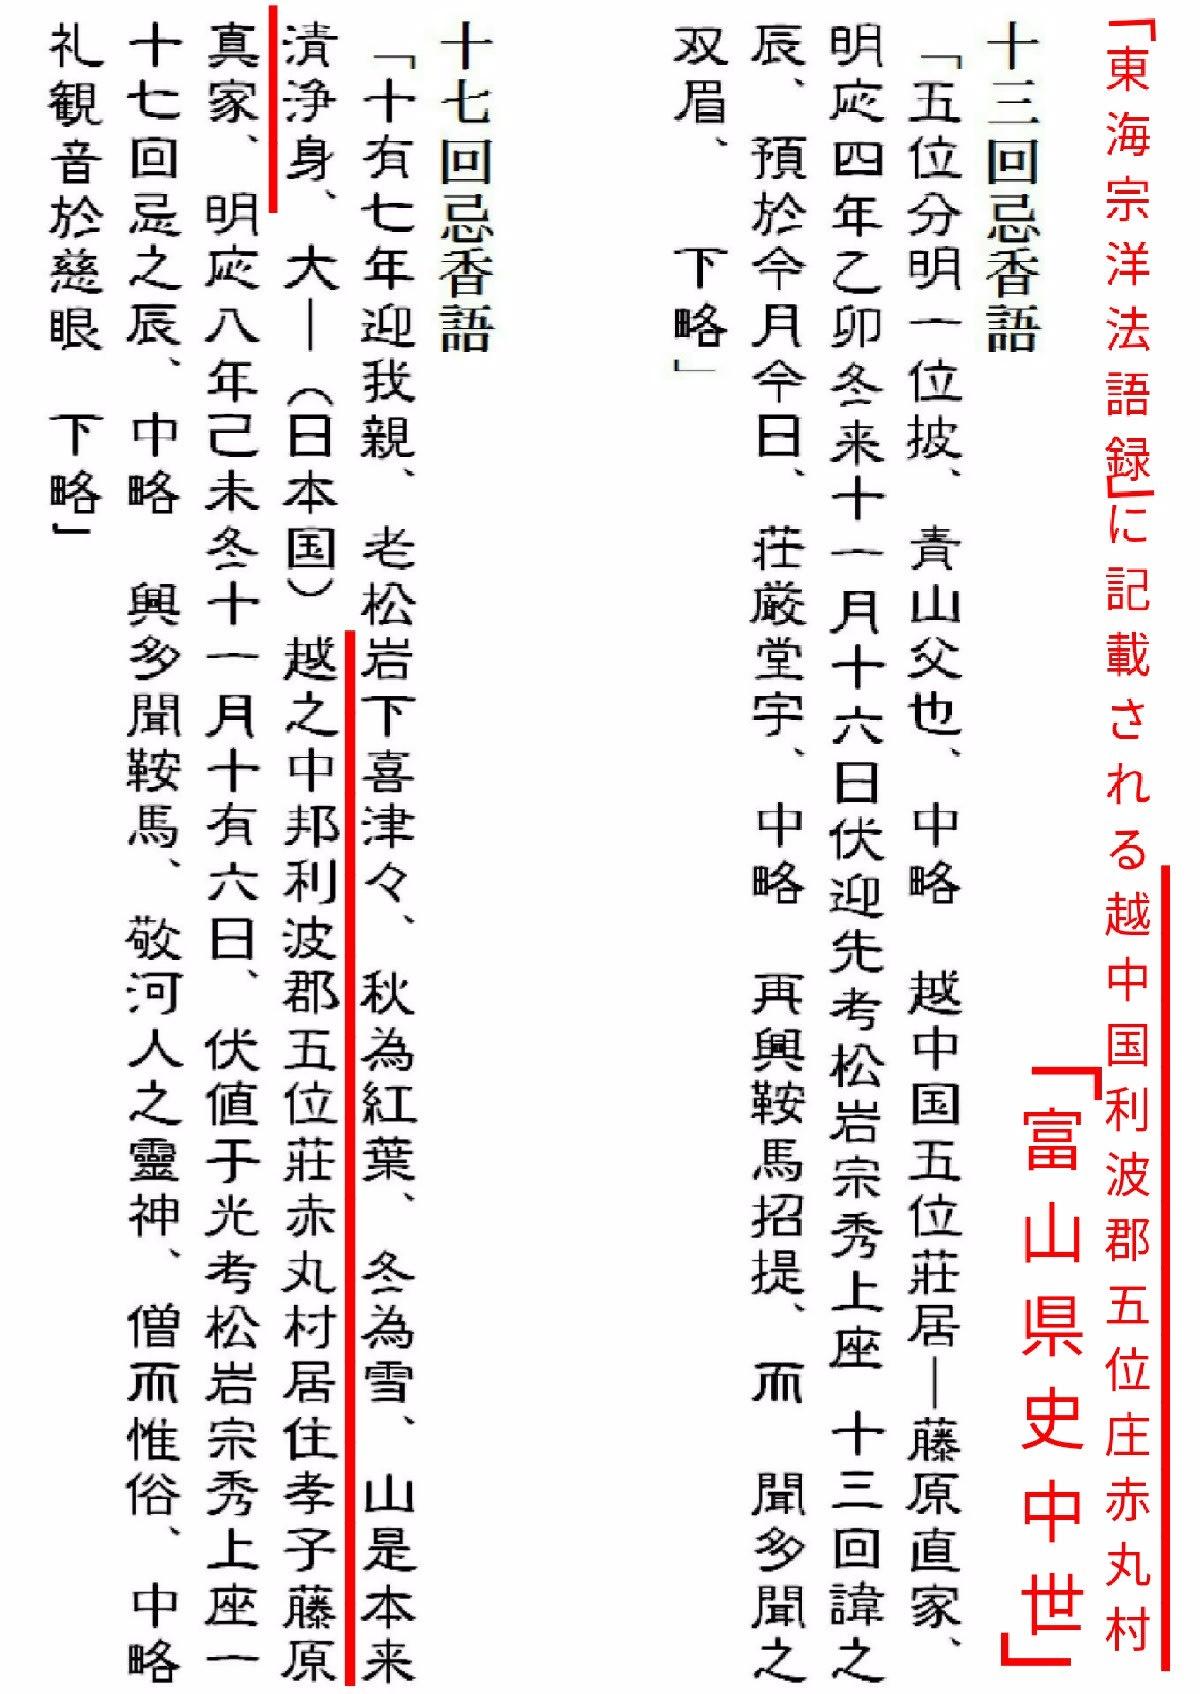 富山県高岡市」のブログ記事一覧-赤丸米のふるさとから 越中のささやき ...